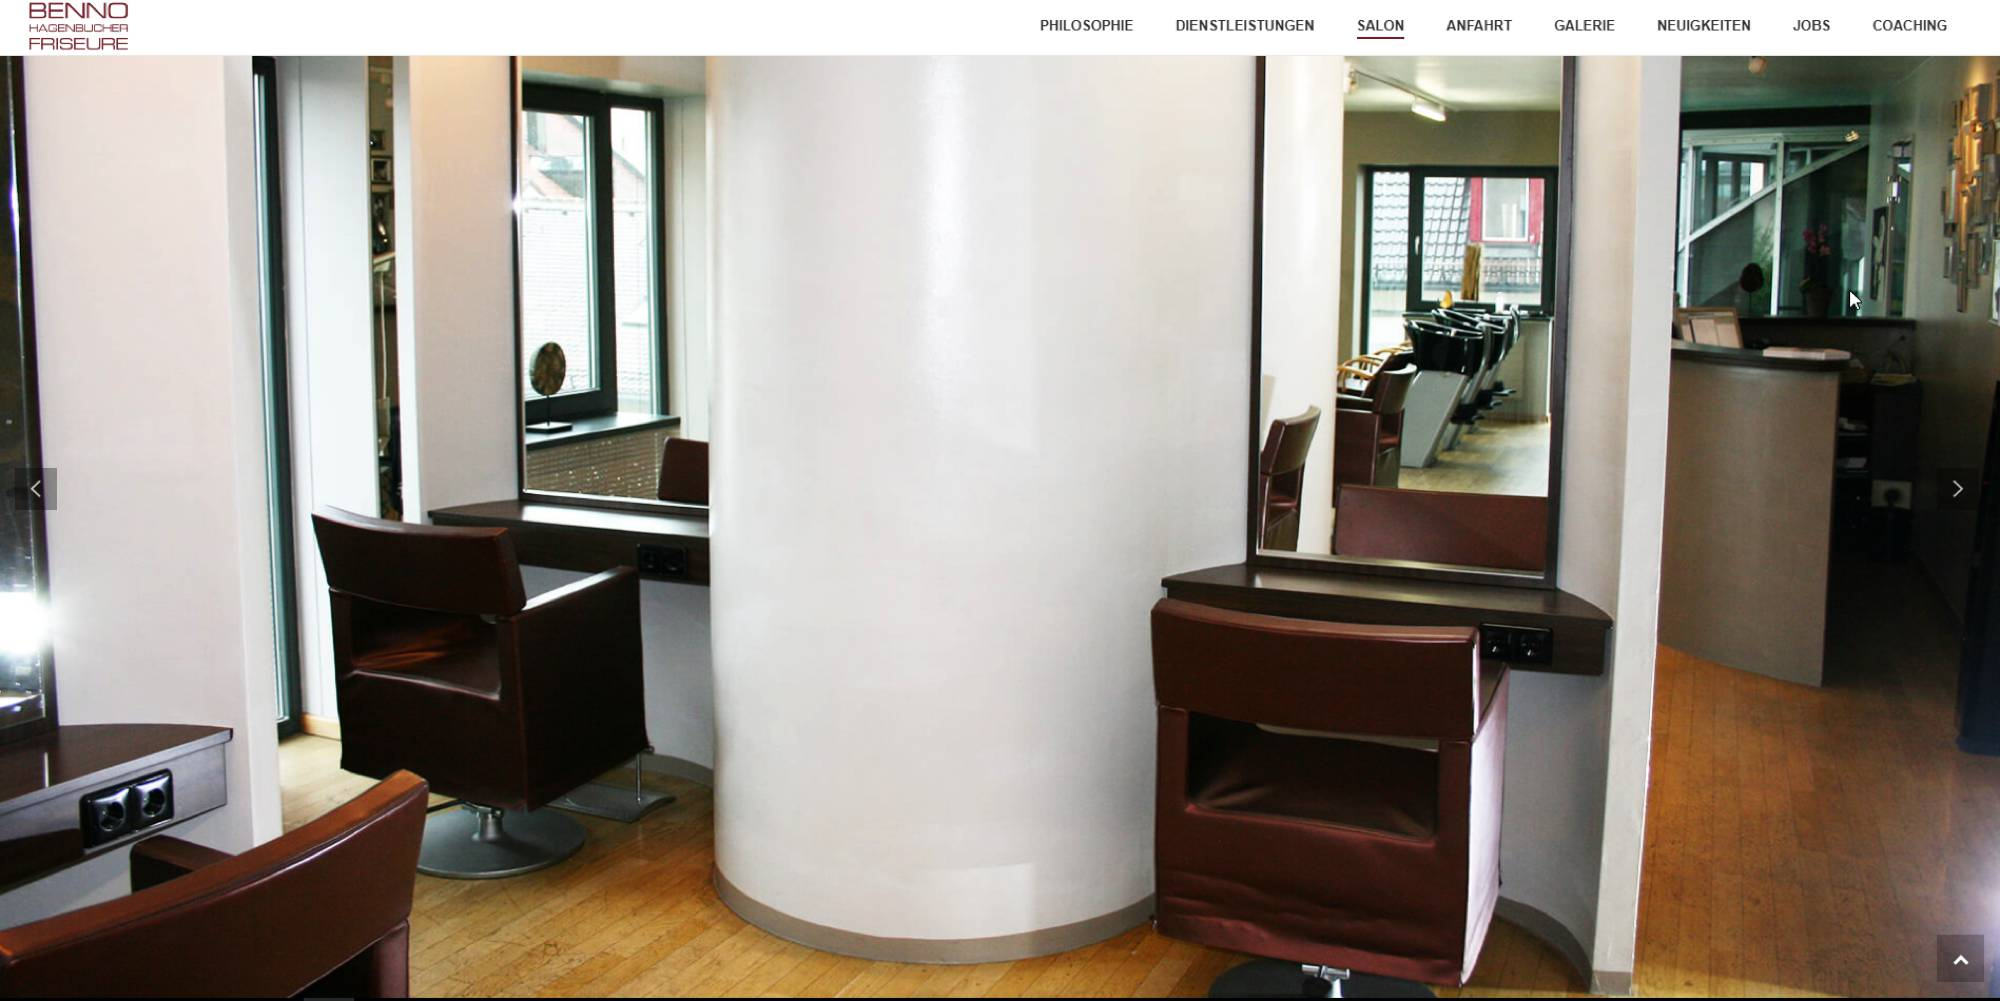 Benno Hagenbucher Friseure